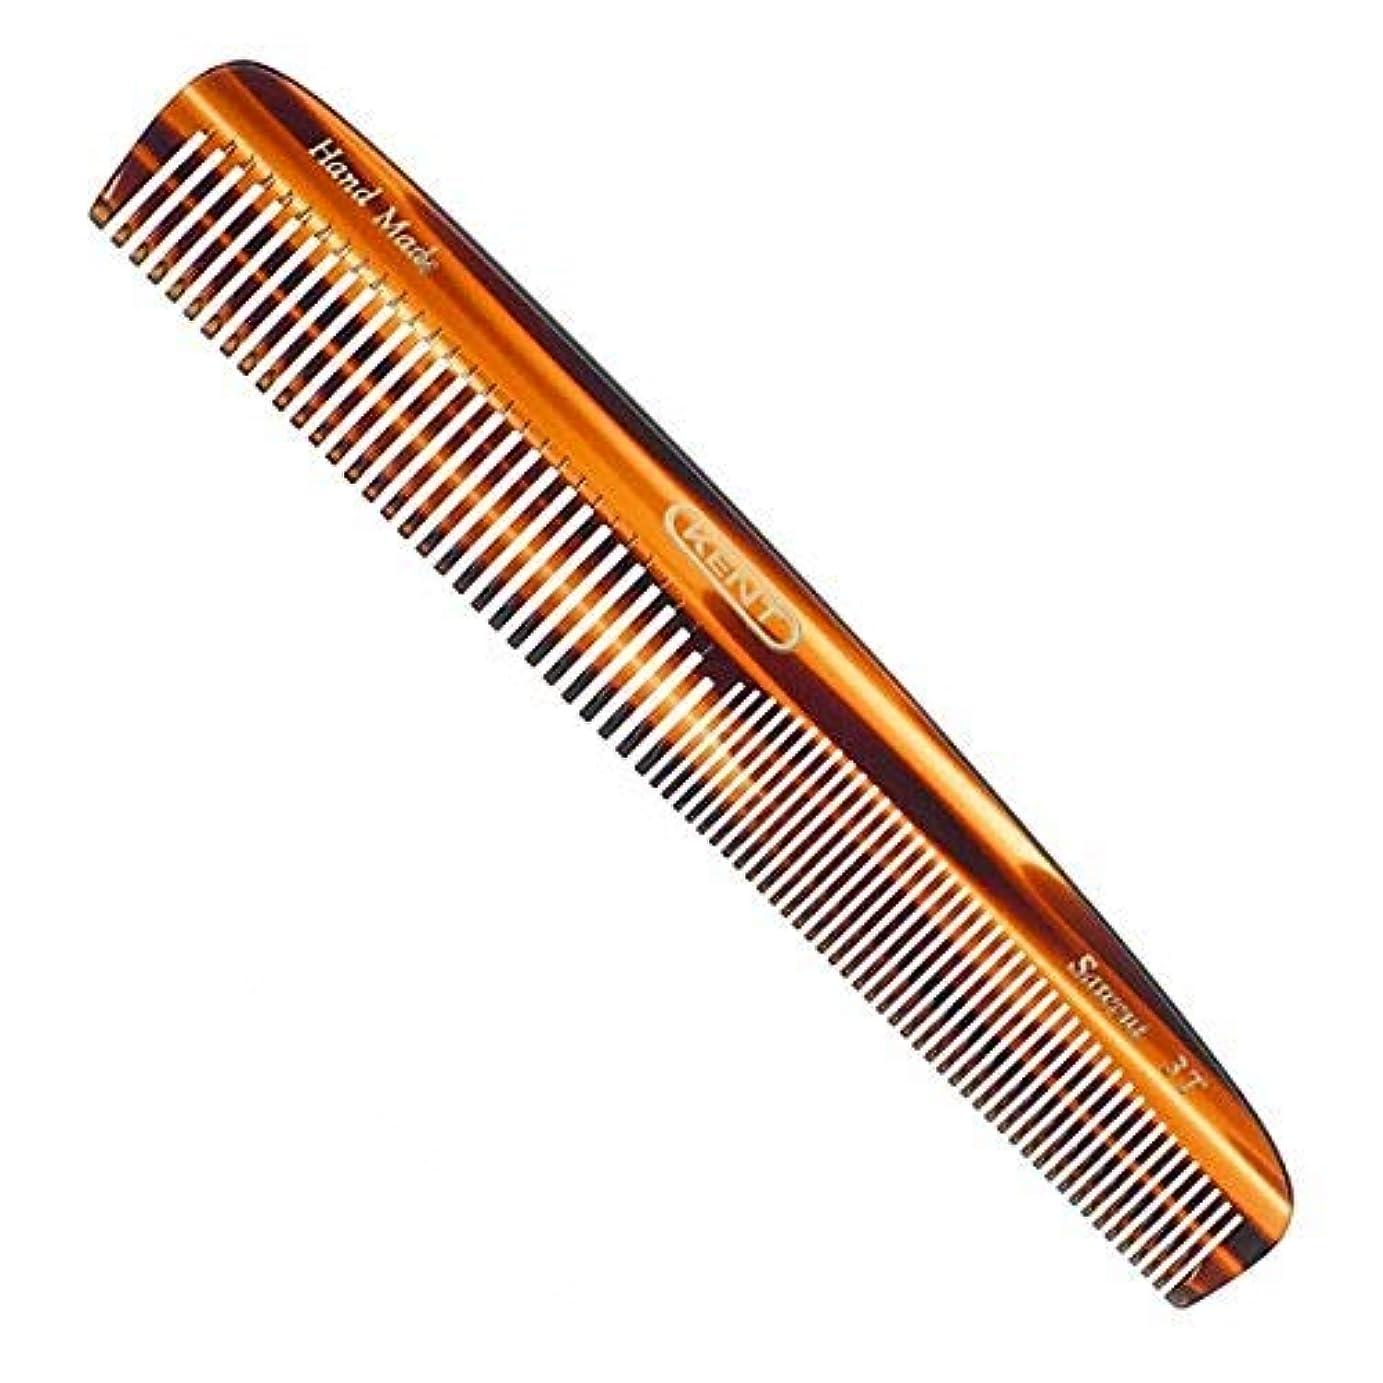 アミューズごみ火山学者Kent Handmade Saw Cut 148 Millimeter Coarse and Fine Tooth Dressing Comb, Hand Sawn Cellulose Acetate with Rounded Teeth, Faux Tortoiseshell Design, A 3T [並行輸入品]